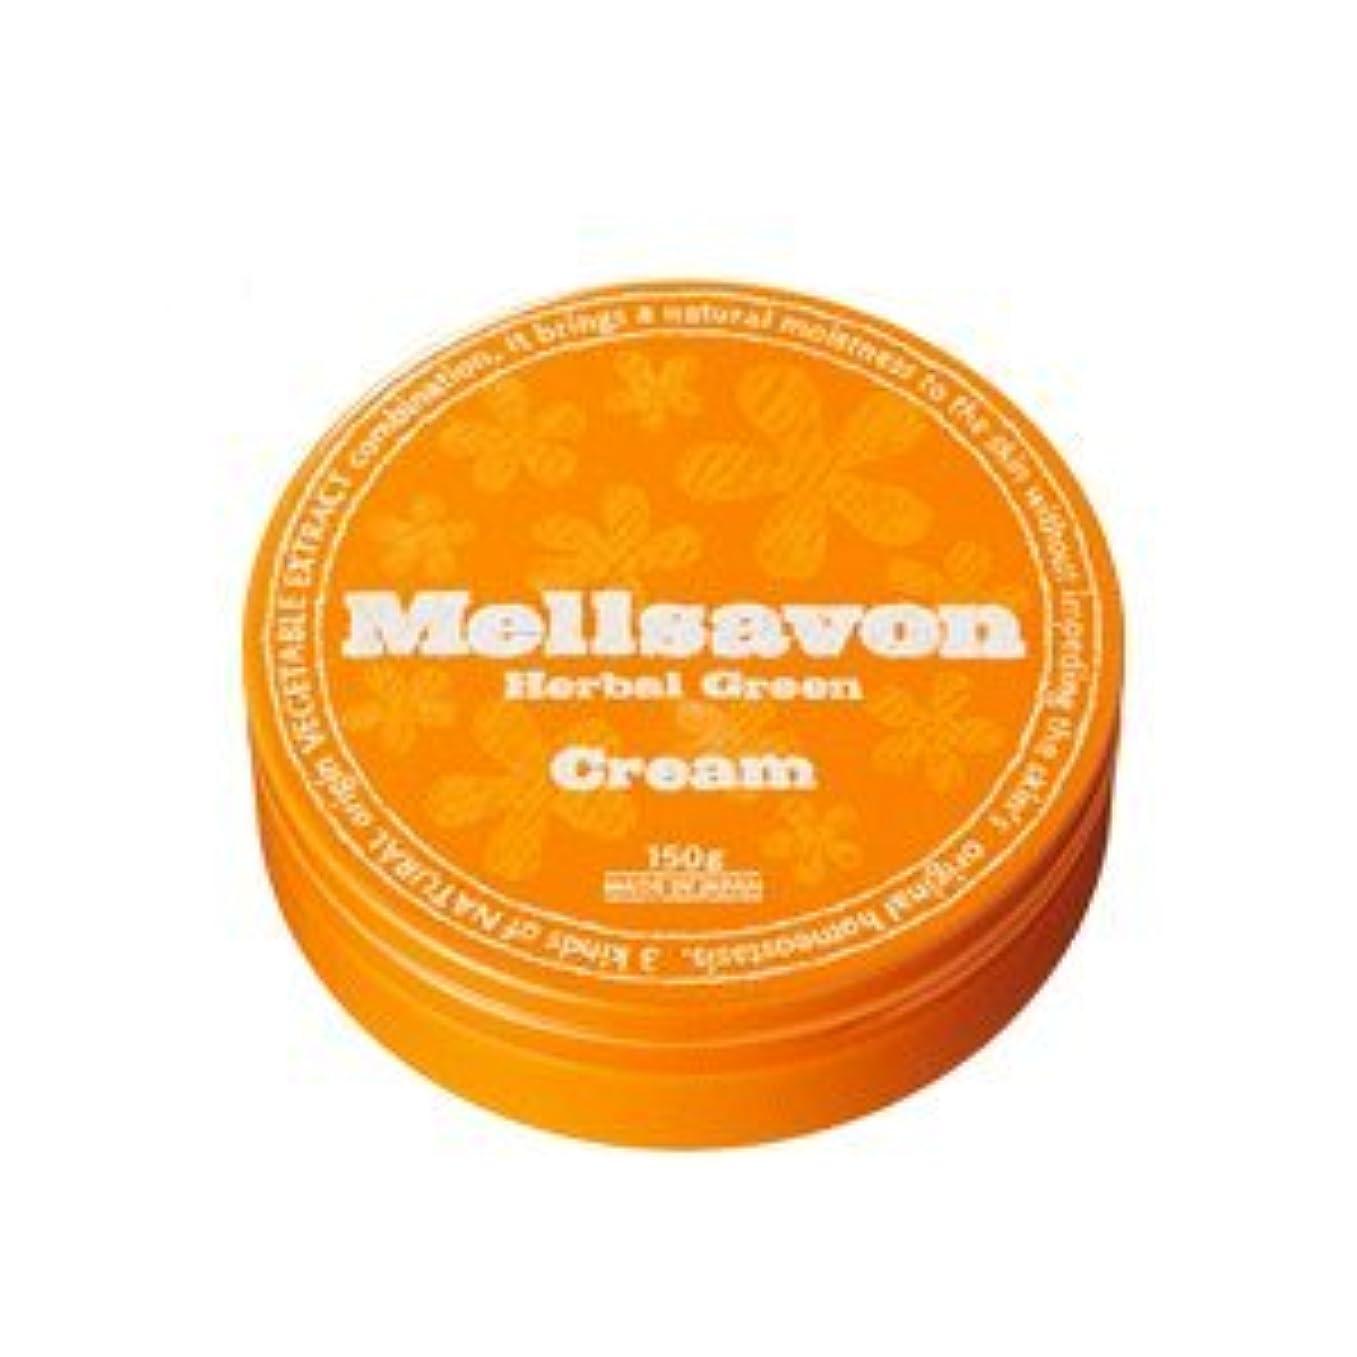 びっくりするペット所有者メルサボン スキンケアクリーム ハーバルグリーンの香り 中缶 65g